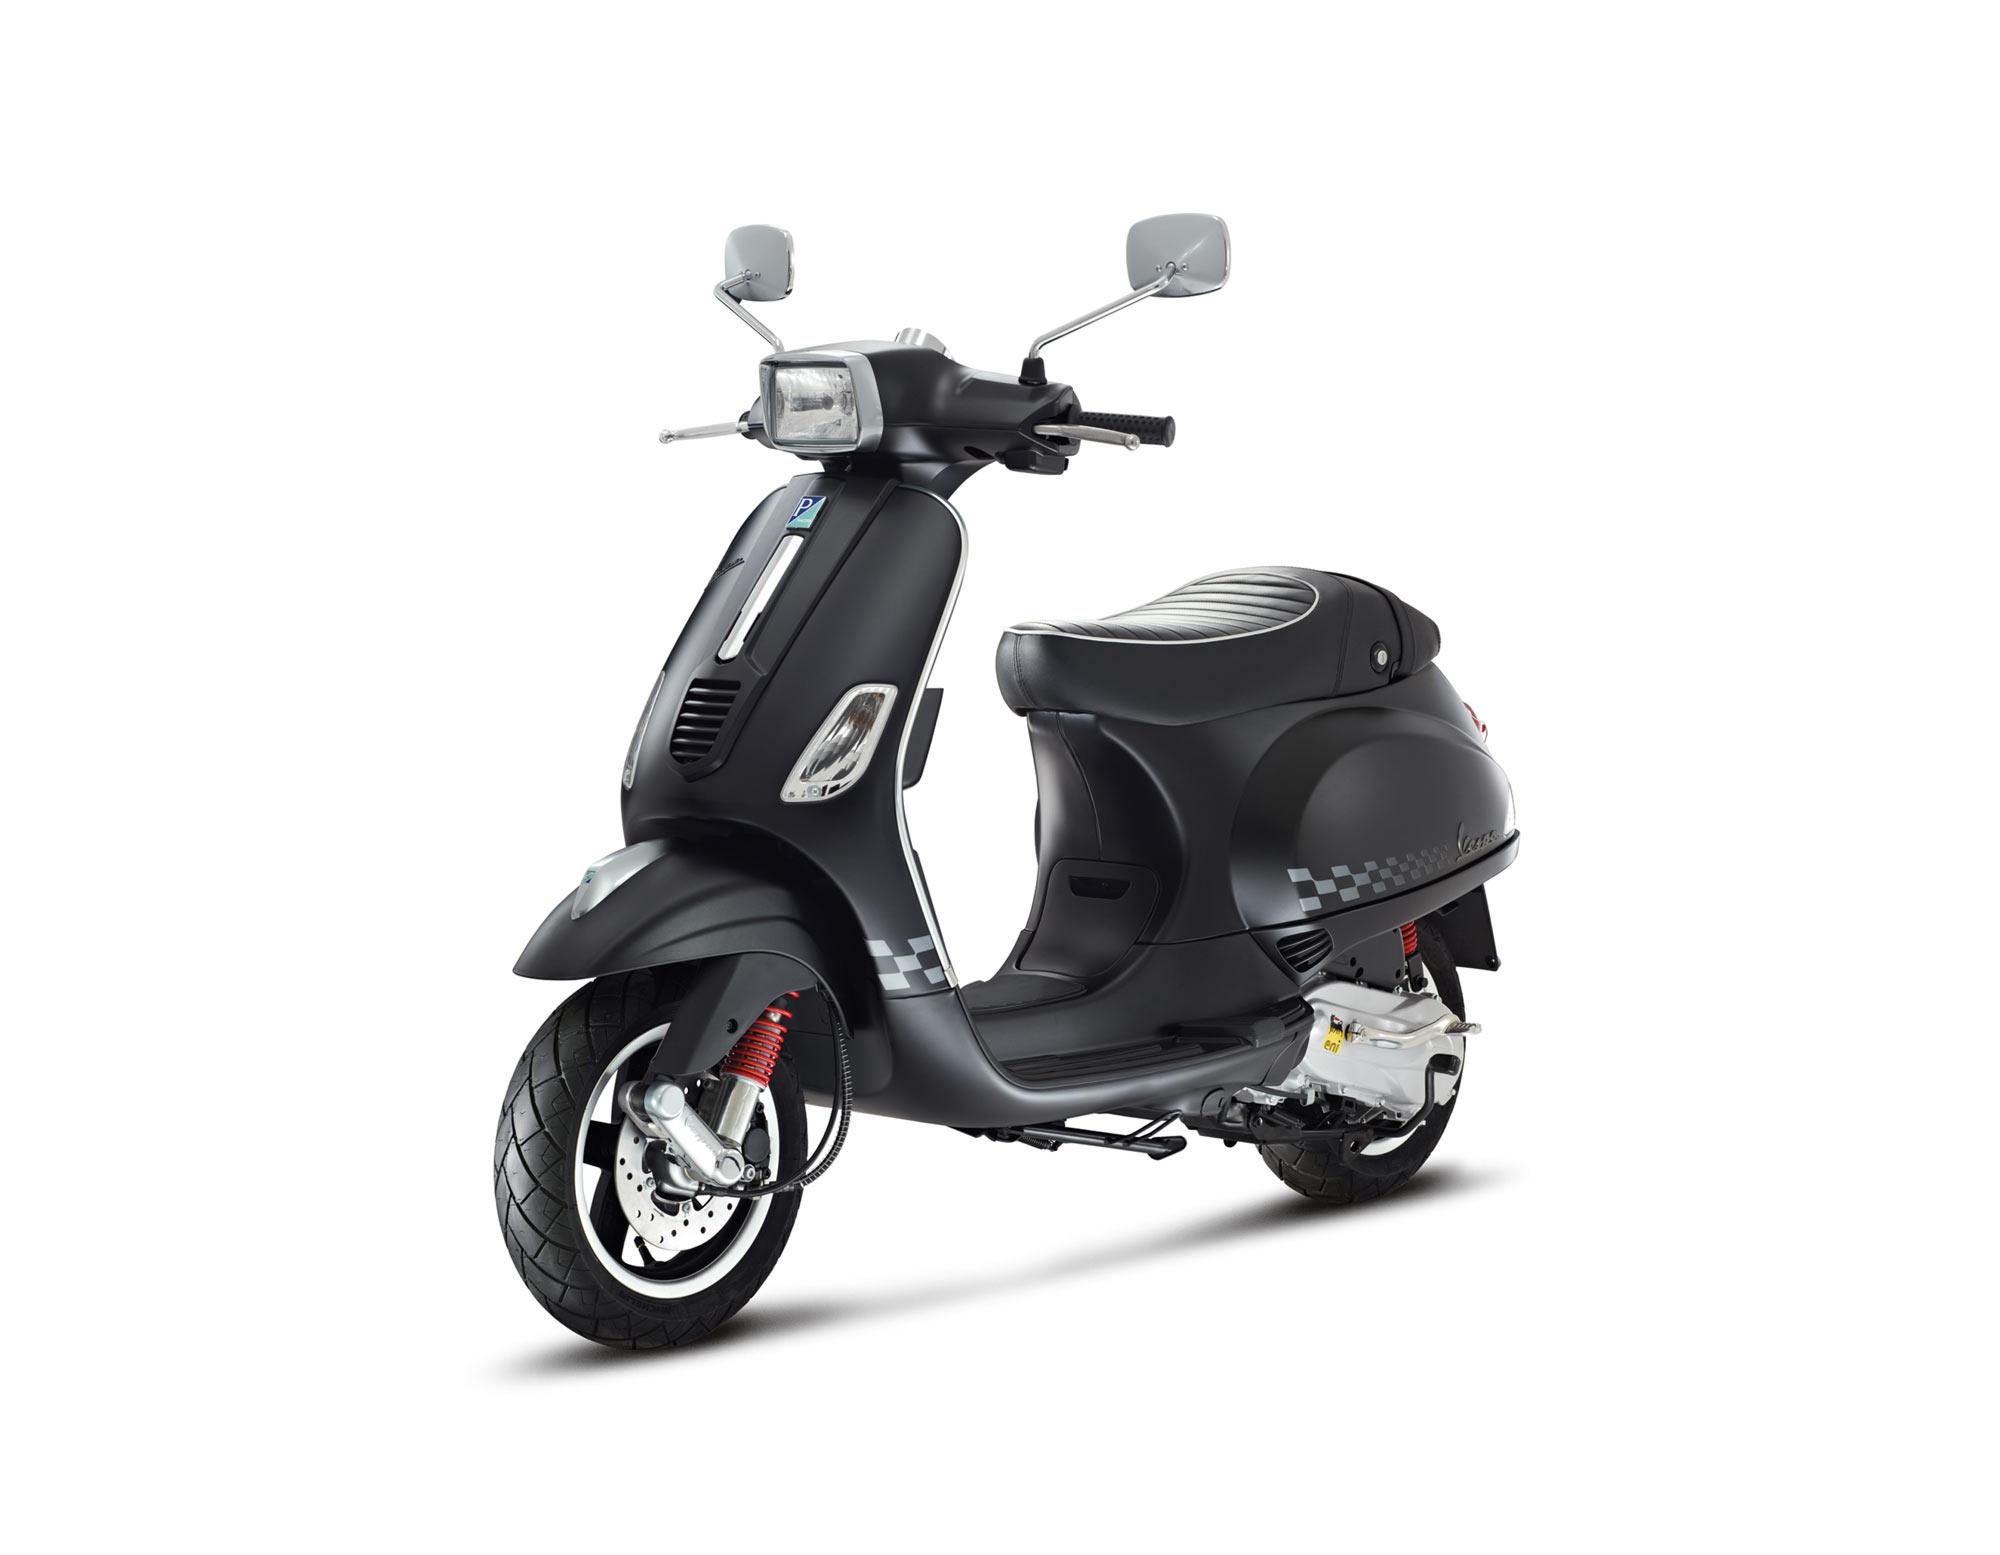 gebrauchte und neue vespa s 50 2t sport motorr der kaufen. Black Bedroom Furniture Sets. Home Design Ideas